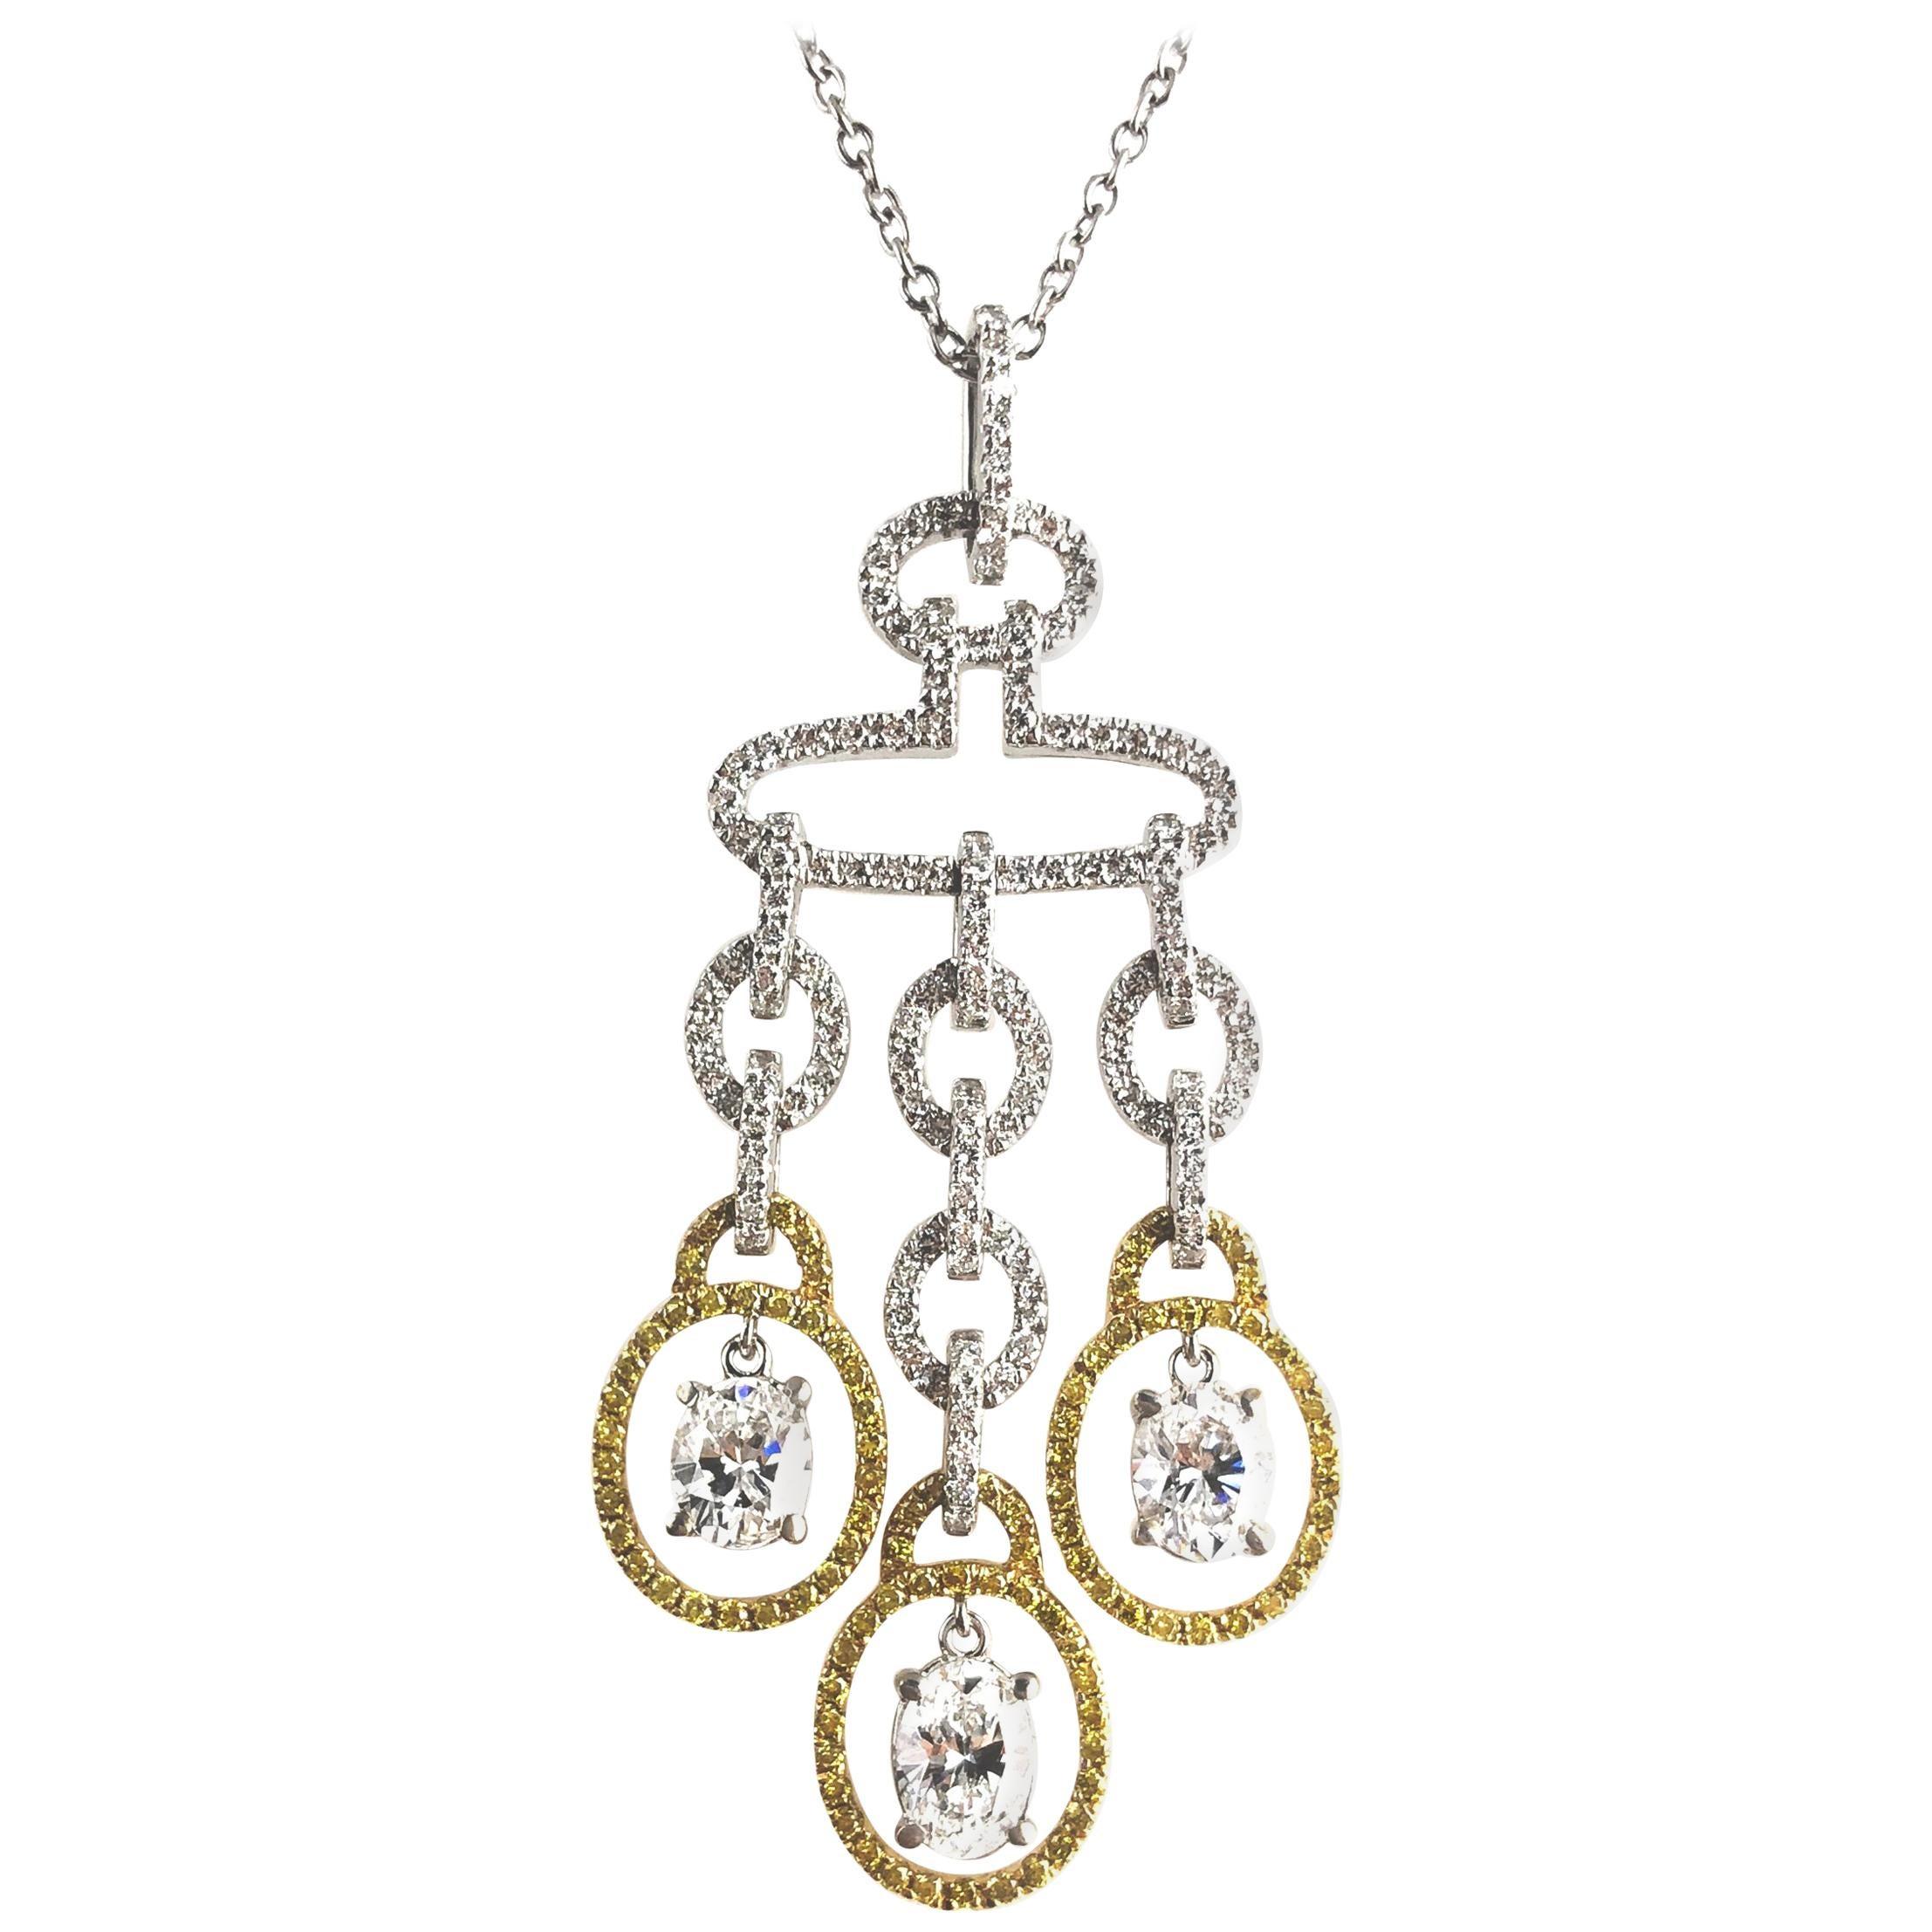 DiamondTown 2.98 Carat Diamond and Yellow Diamond Drop Pendant